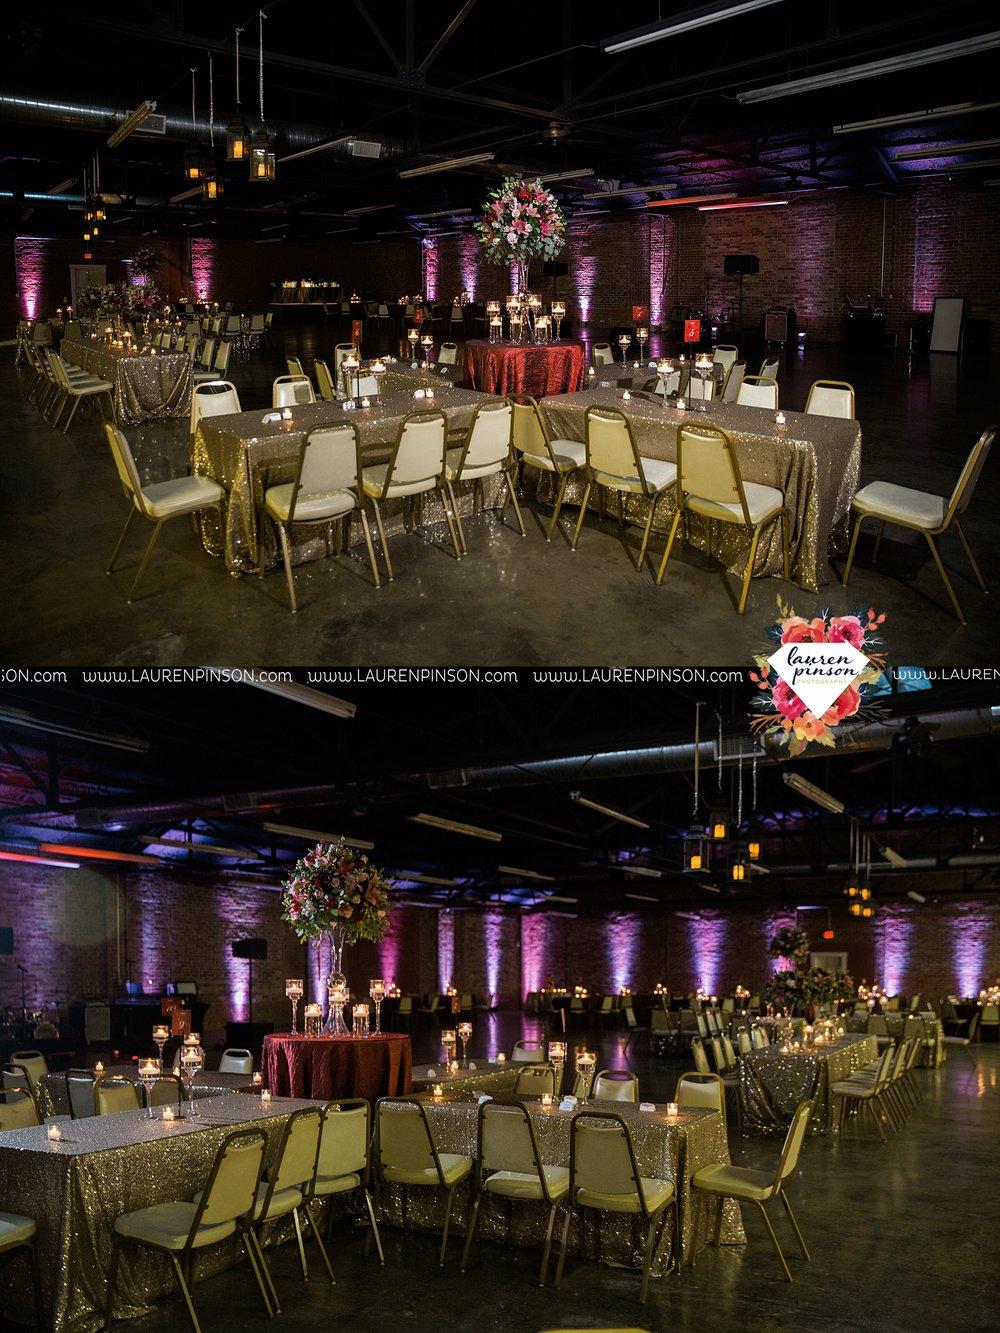 windthorst-texas-wedding-photography-at-st-marys-catholic-church-the-stone-palace-mayfield-events-lauren-pinson-texas-wedding-photographer_3707.jpg